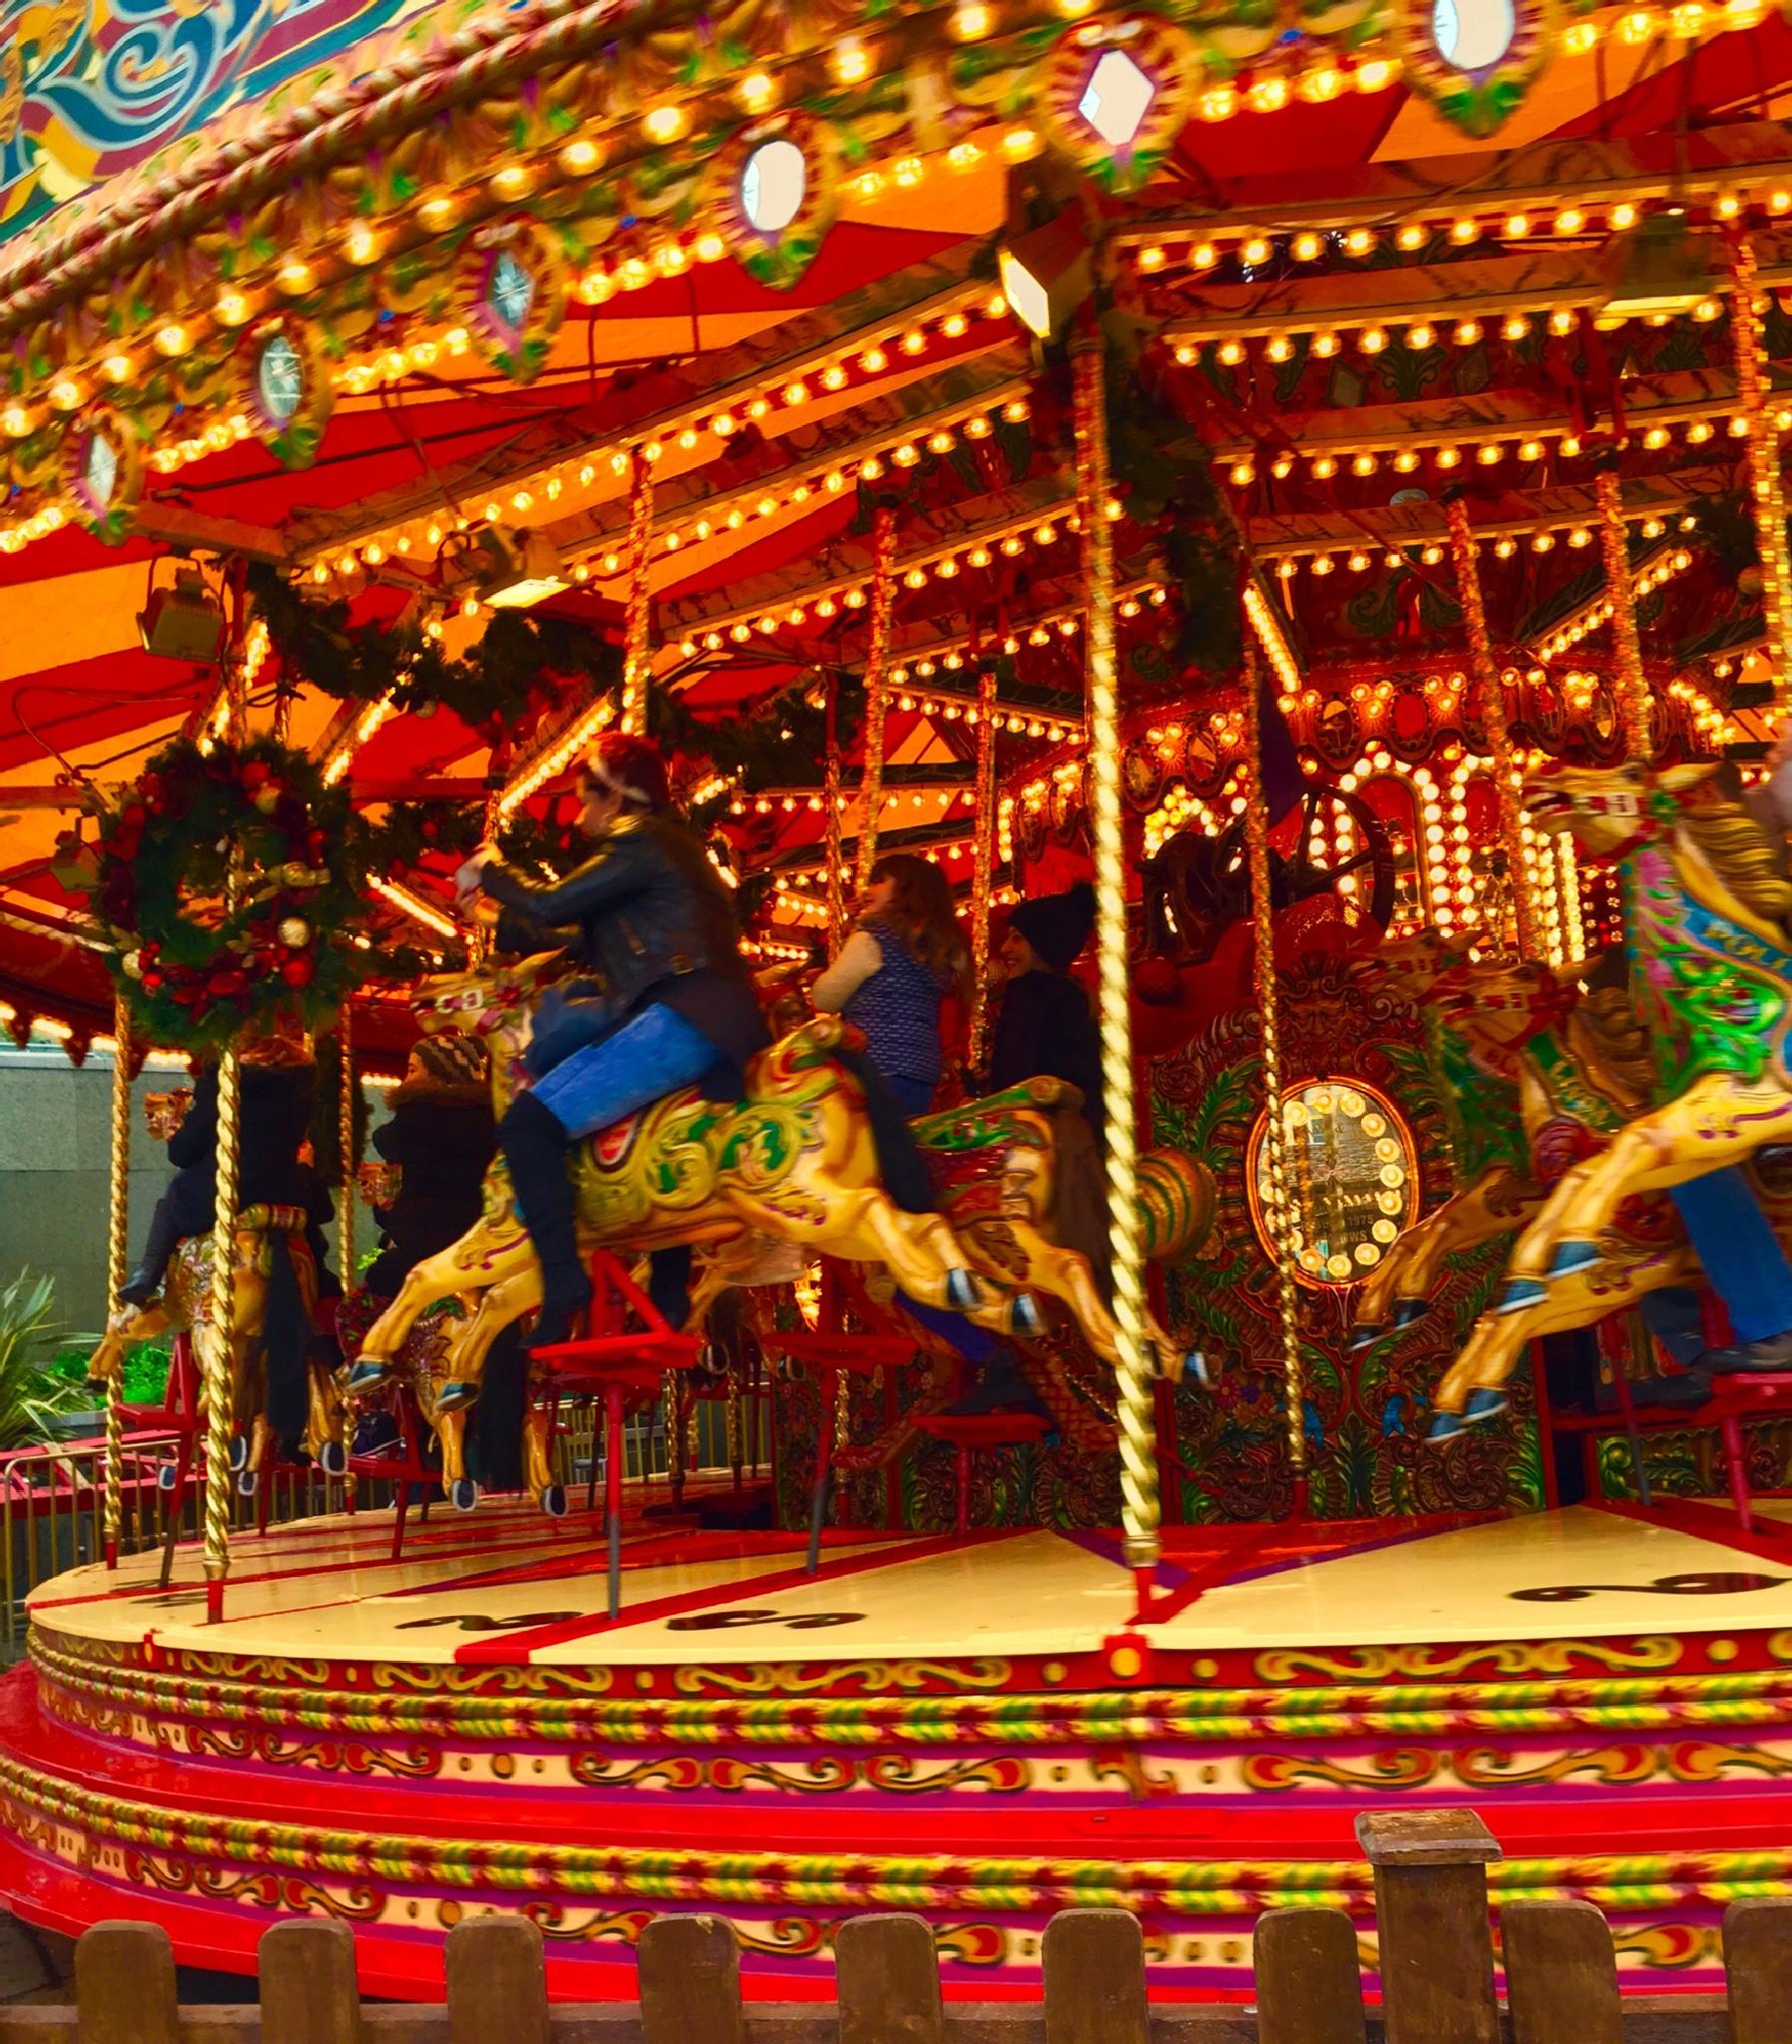 And around we go...carousel by pmatt